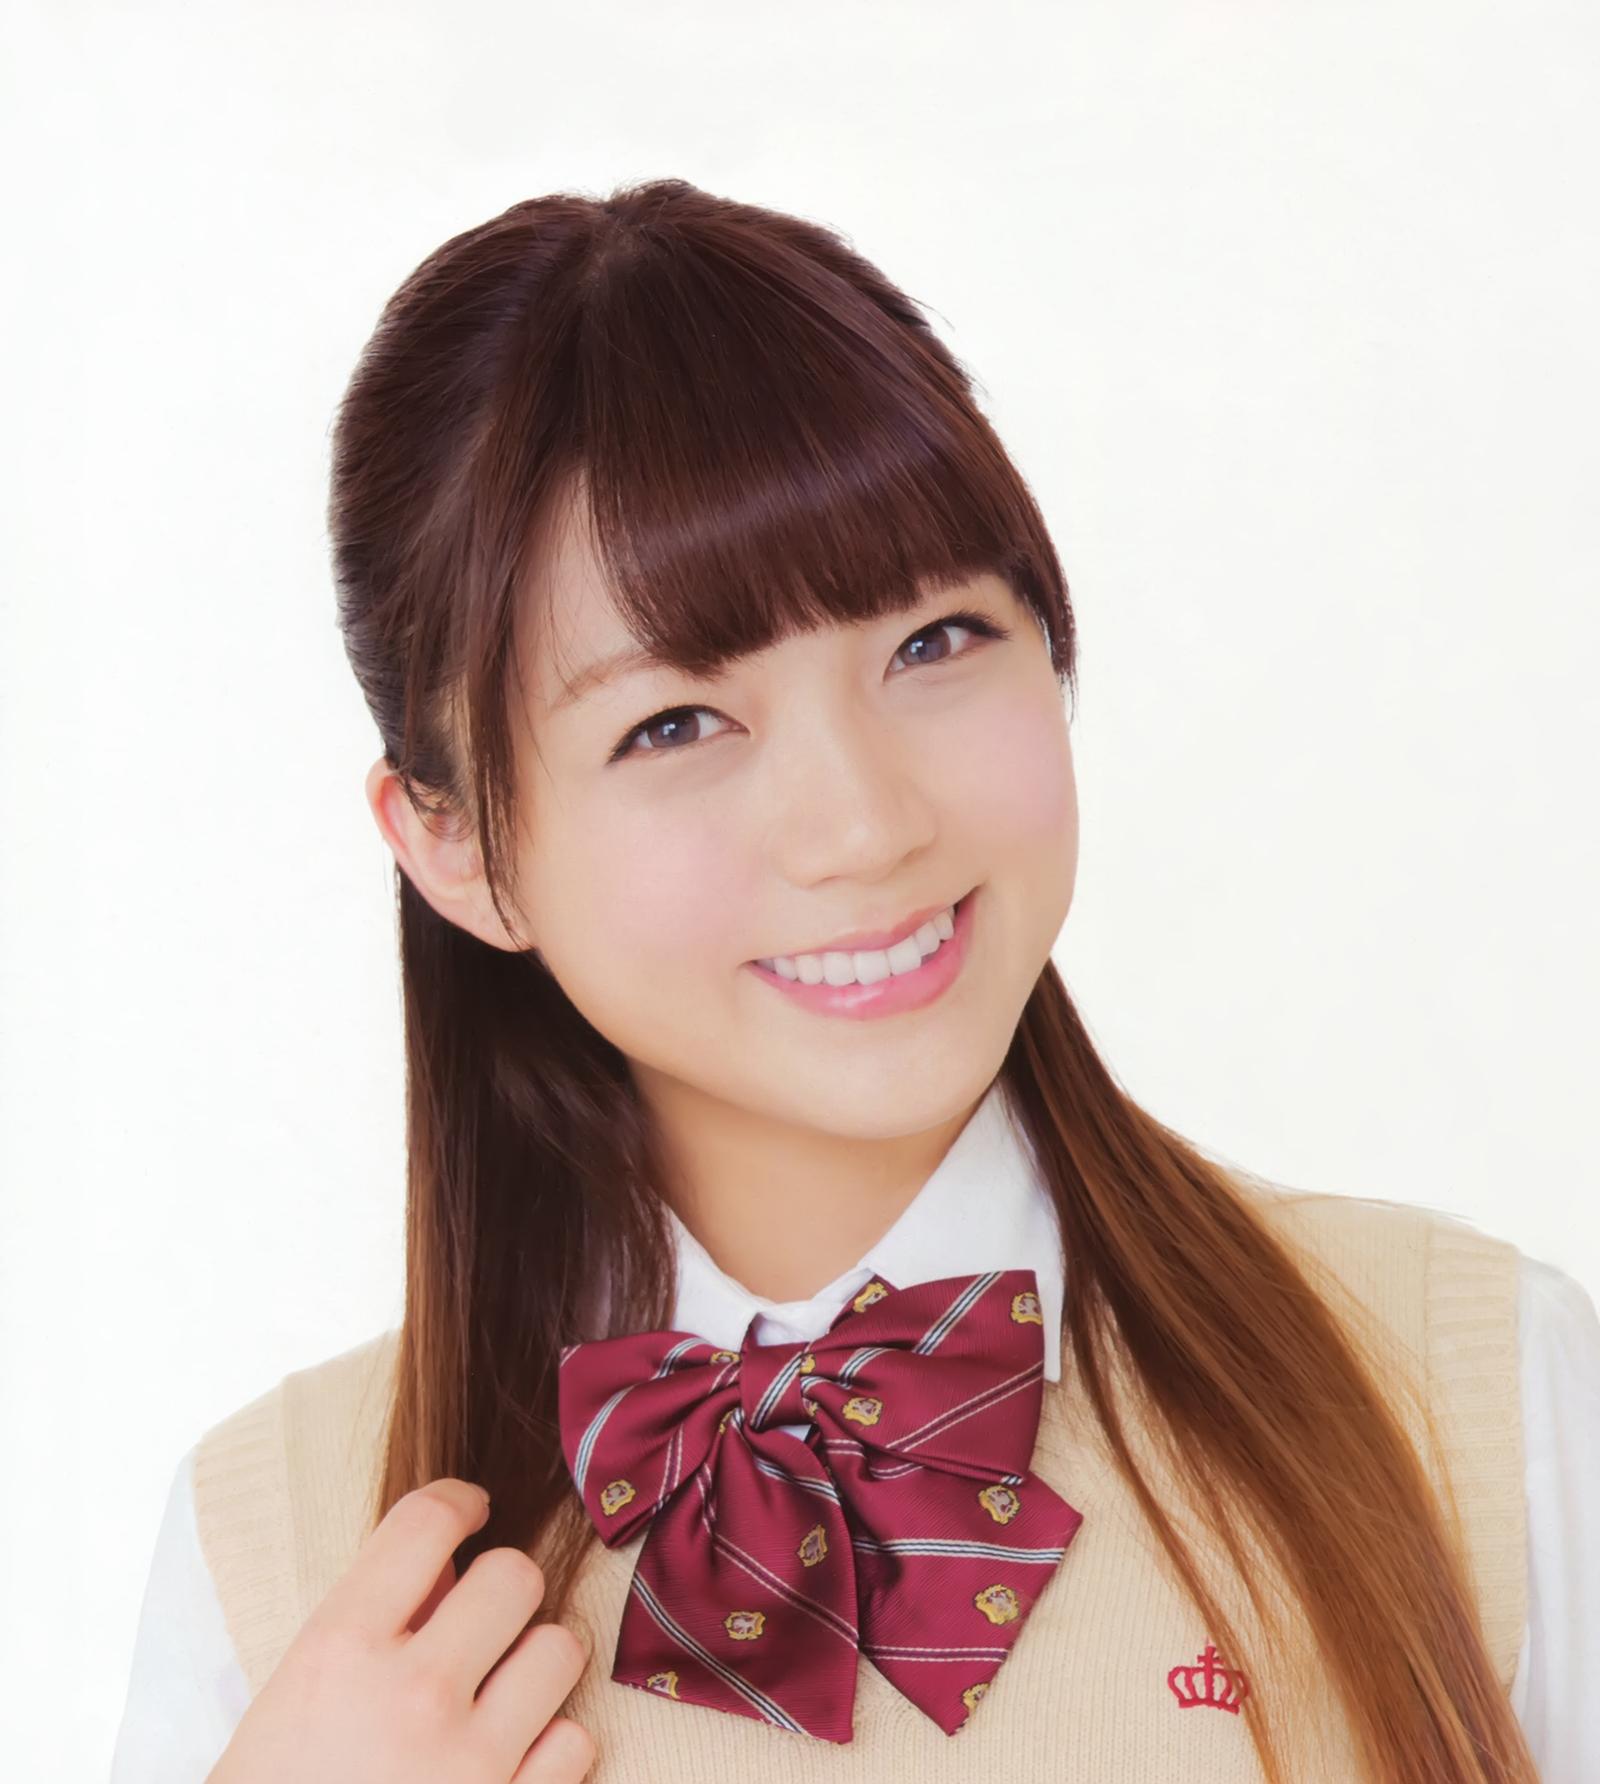 mimori_suzuko_infobox_image